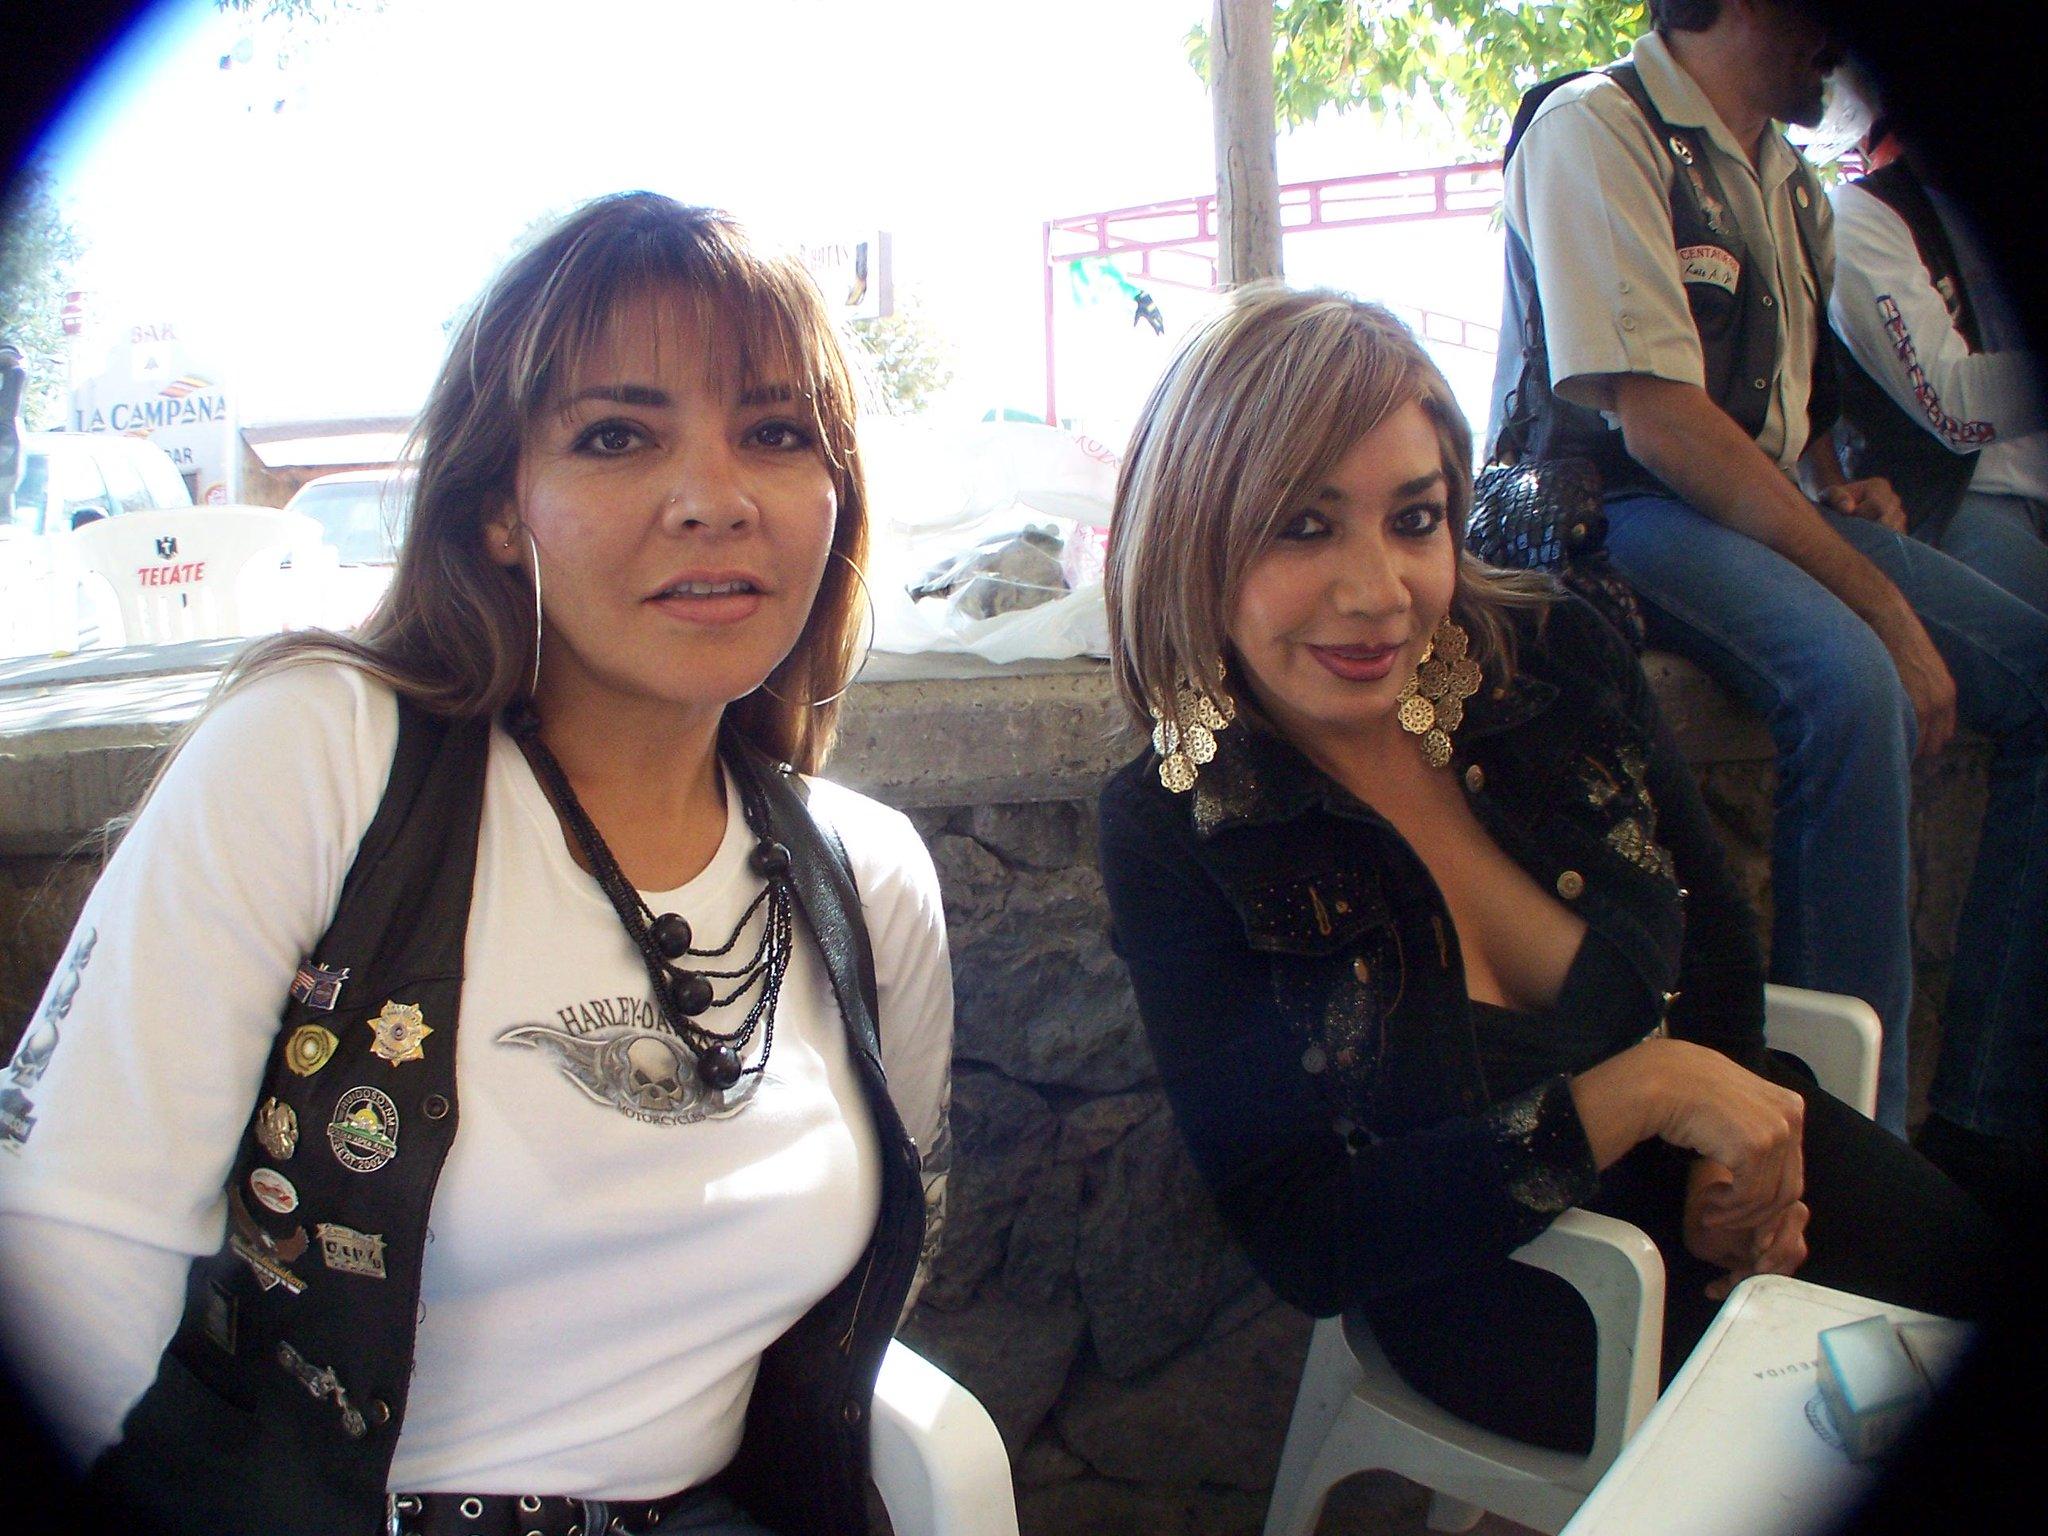 Escort en la ciudad de mexico - 4 9